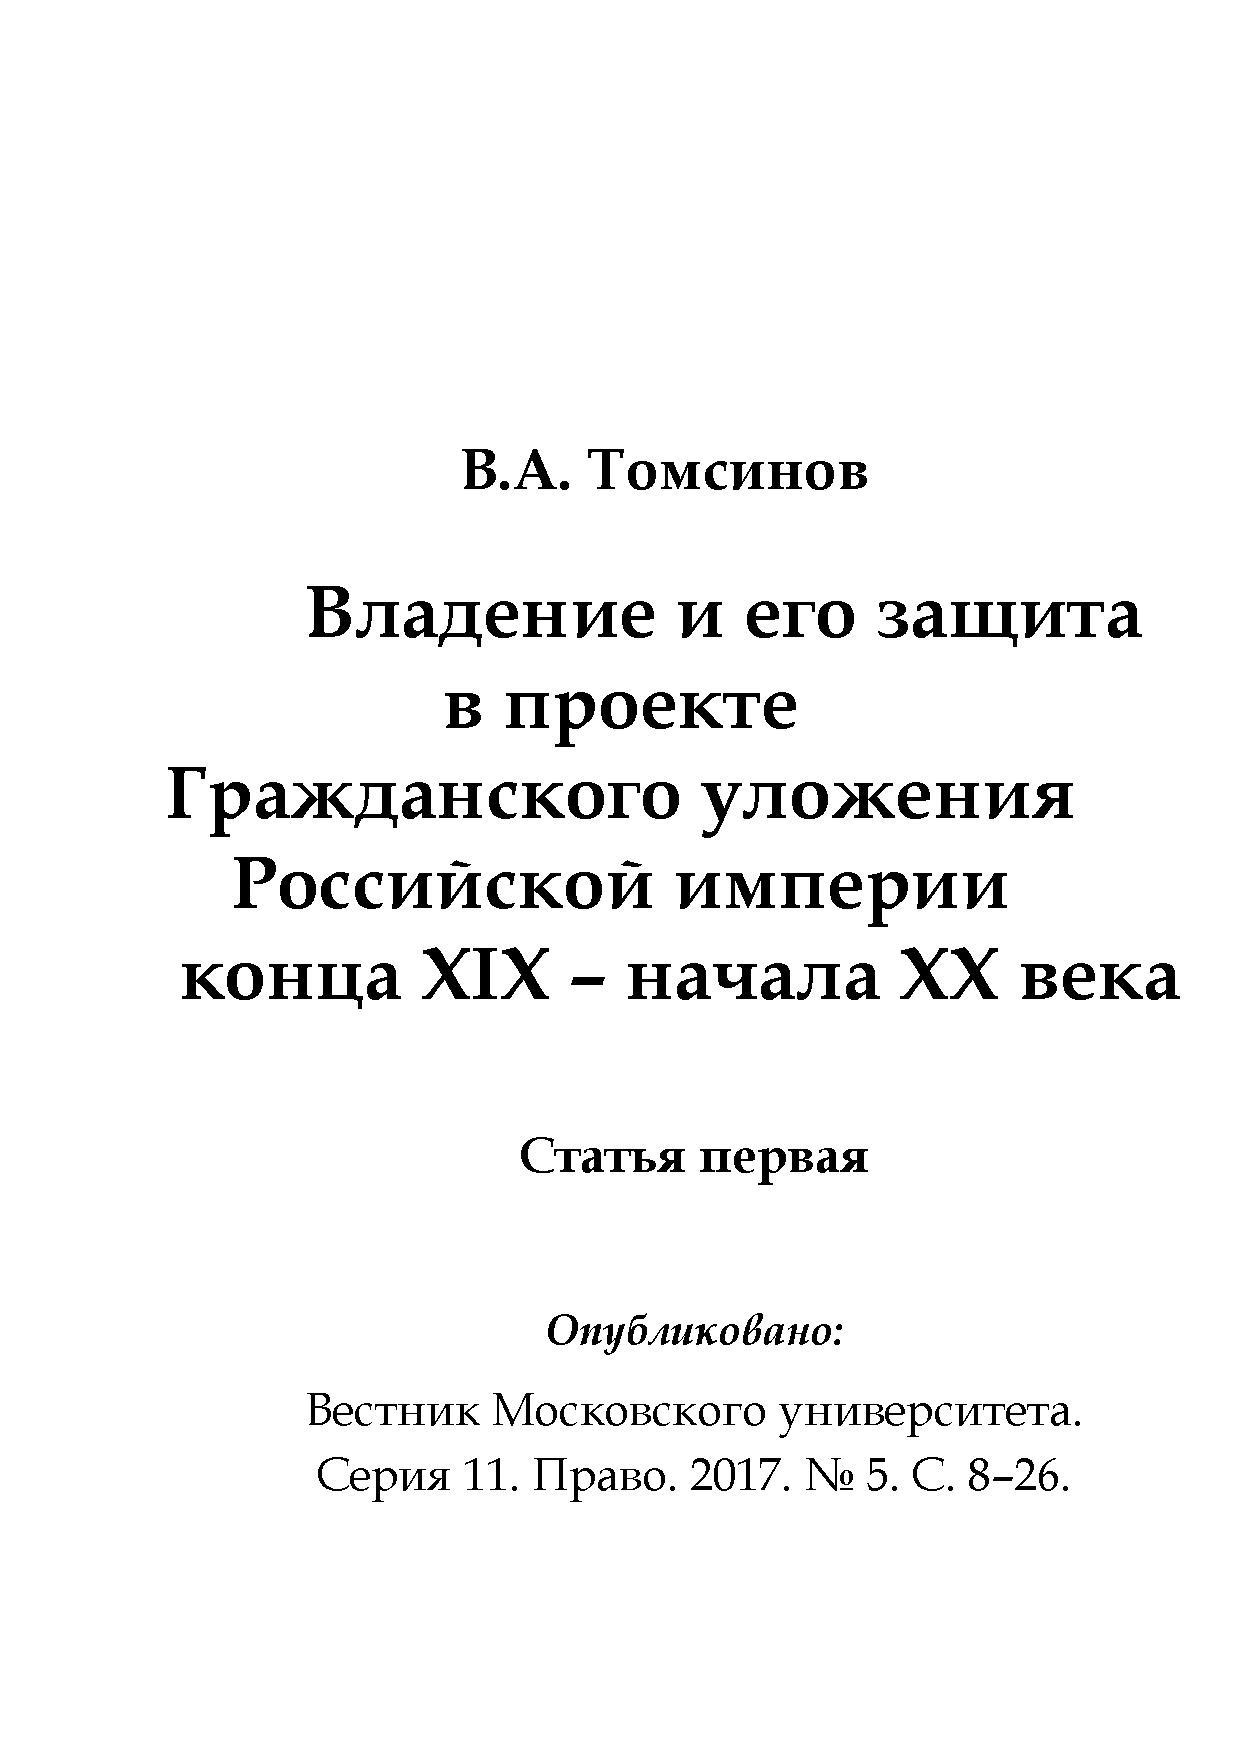 Томсинов В.А. «Владение и его защита в проекте Гражданского уложения Российской империи